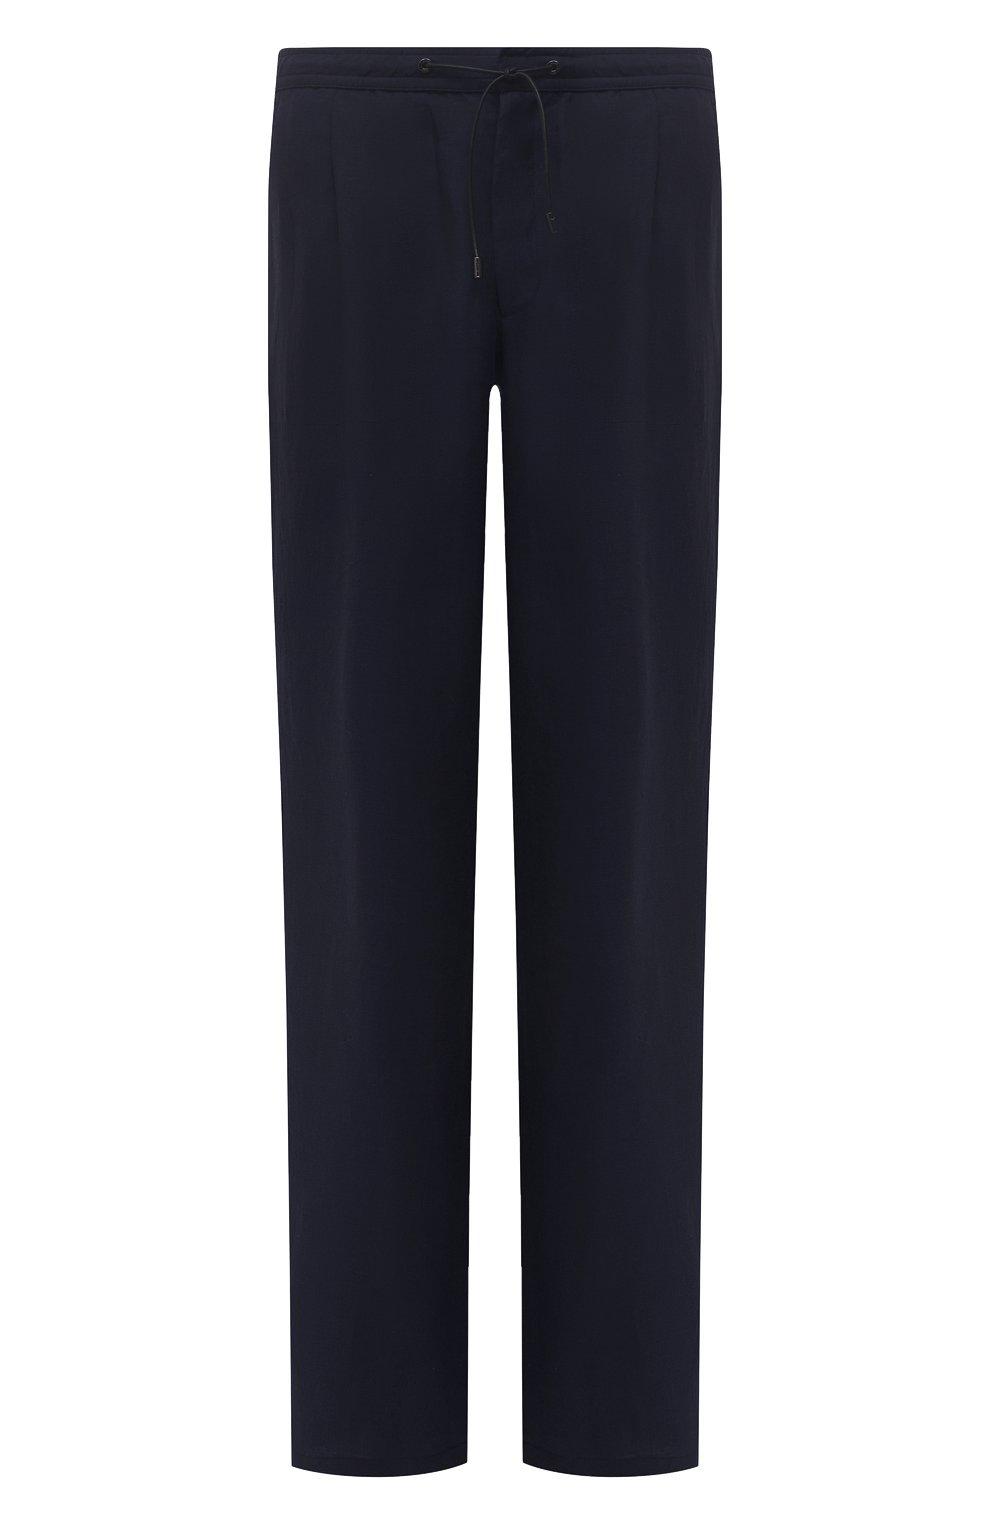 Мужские льняные брюки BRIONI темно-синего цвета, арт. RPMJ0M/P6114/NEW JAMAICA   Фото 1 (Длина (брюки, джинсы): Стандартные; Случай: Повседневный; Материал внешний: Лен; Стили: Кэжуэл)